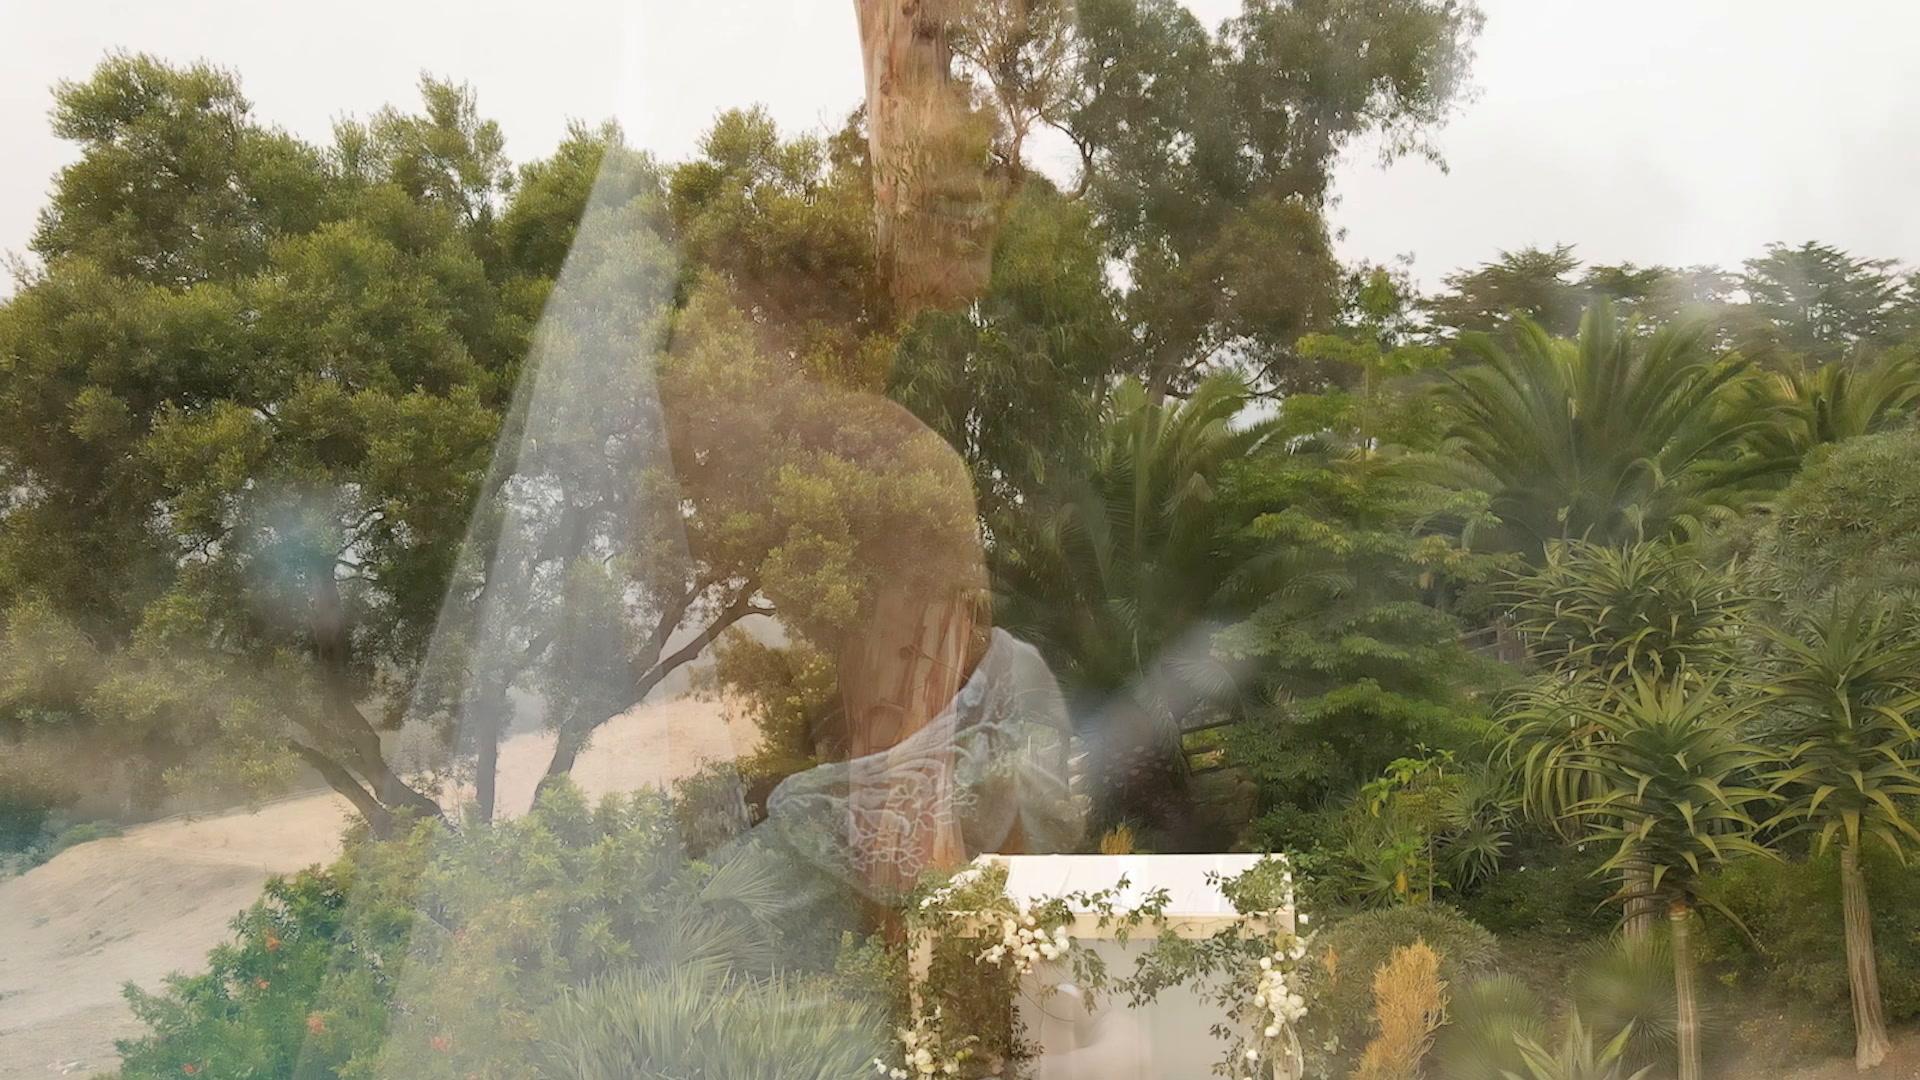 Sean + Austin | Montecito, California | a family home